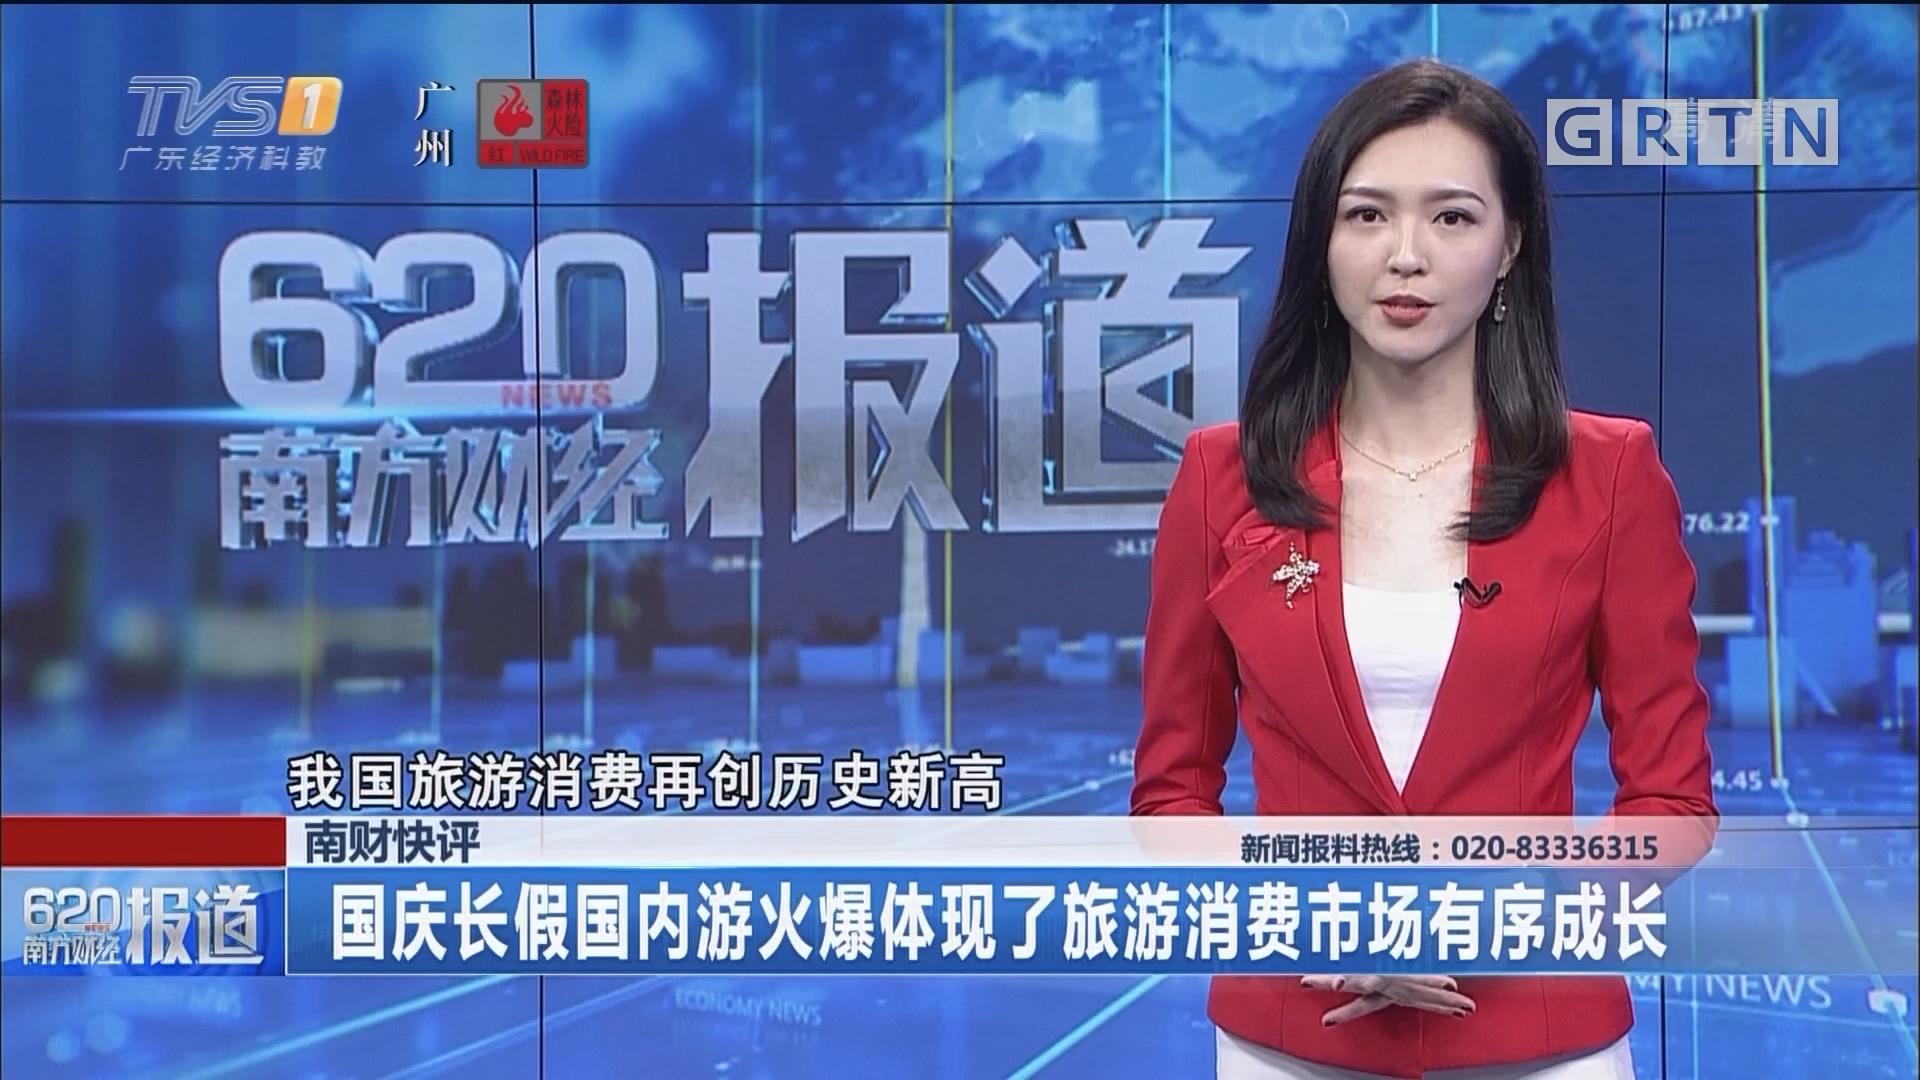 南财快评:国庆长假国内游火爆体现了旅游消费市场有序成长